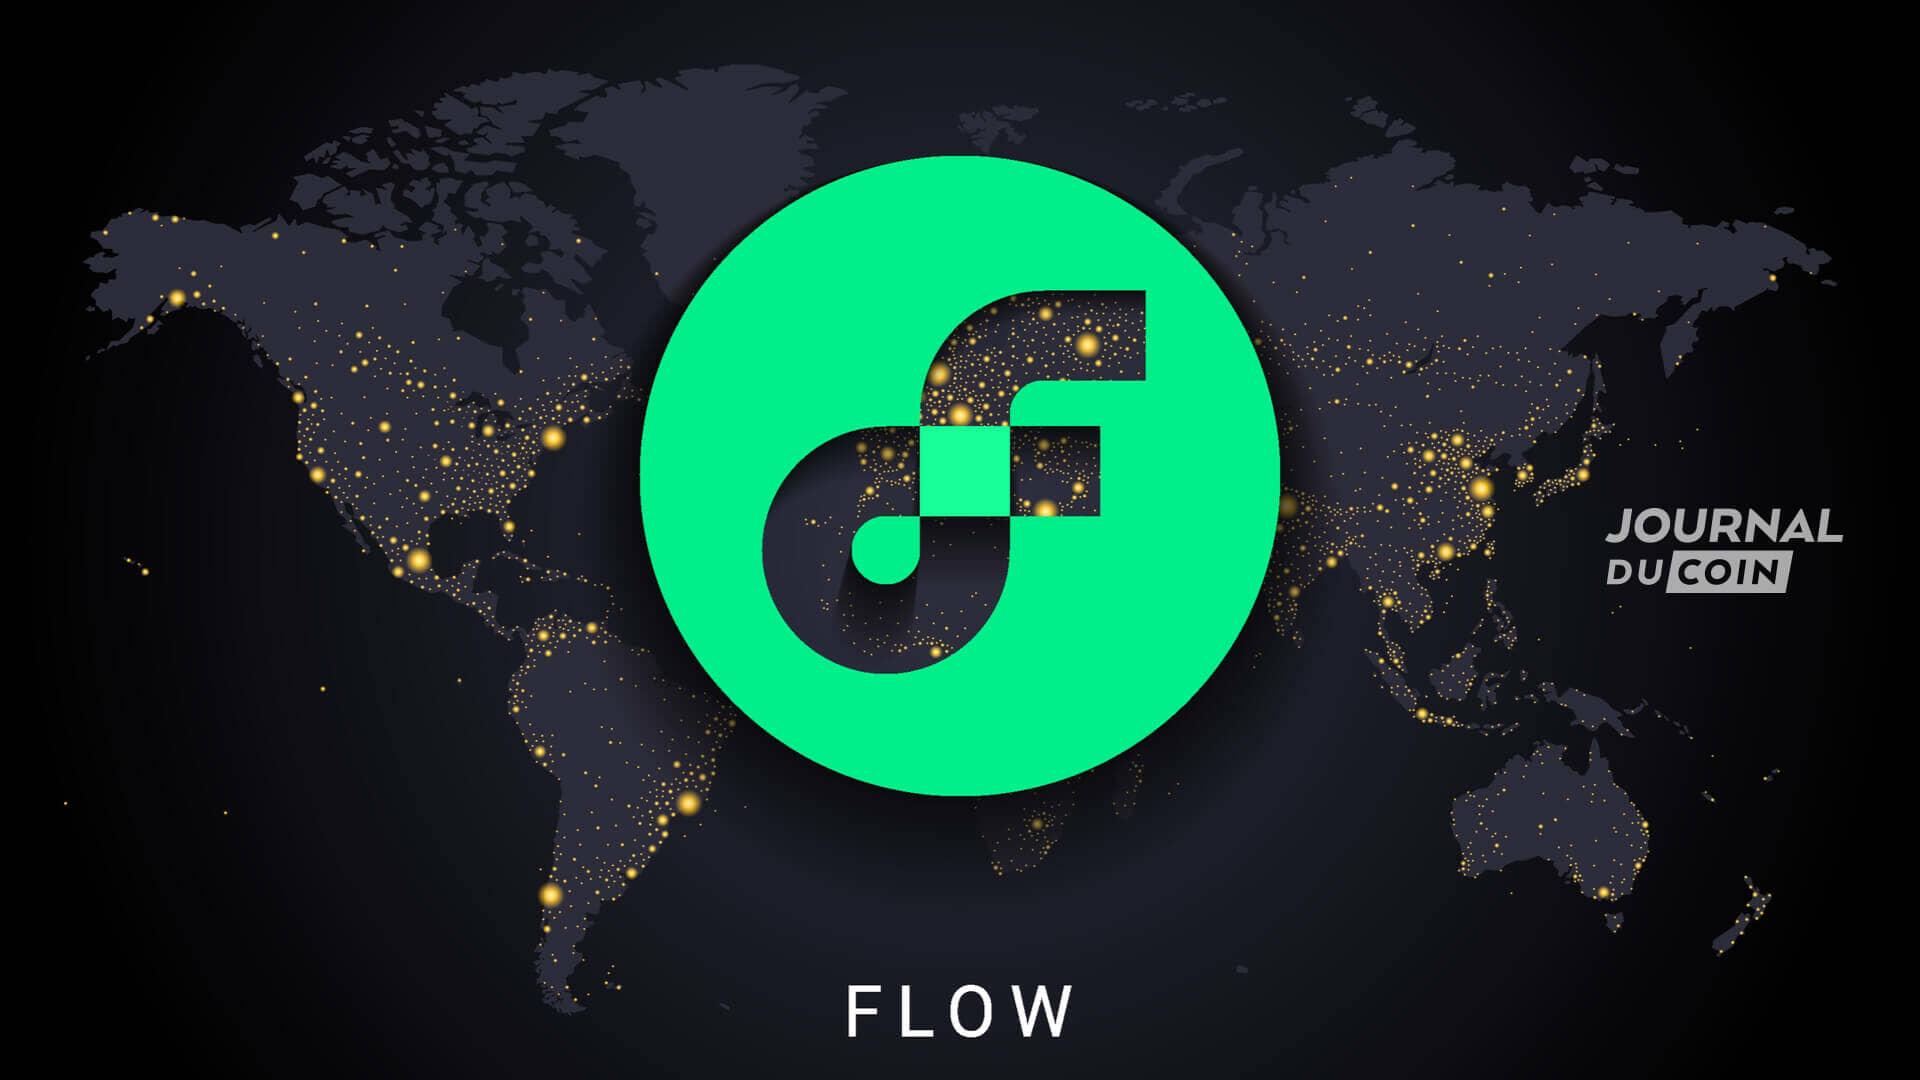 L'annonce historique de la blockchain Flow (FLOW)